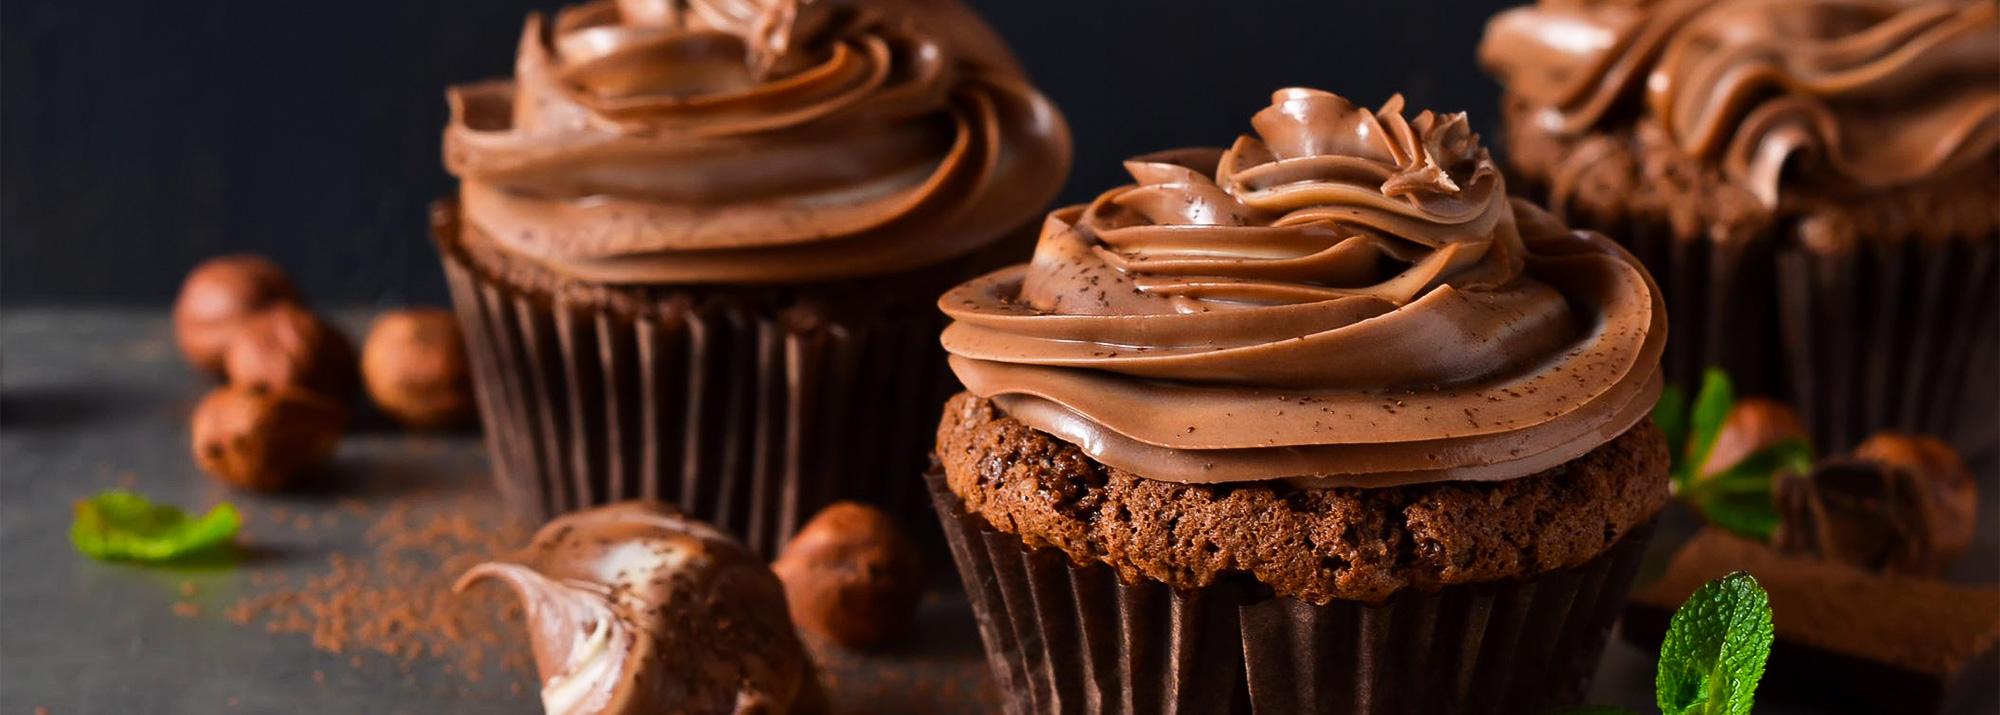 Receitas com chocolate para todo mundo provar